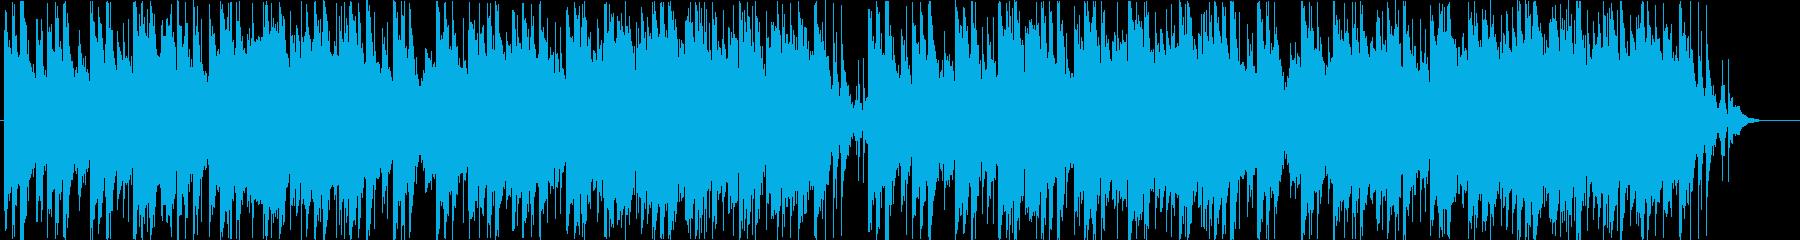 琴メインの哀しいの雰囲気の曲ですの再生済みの波形